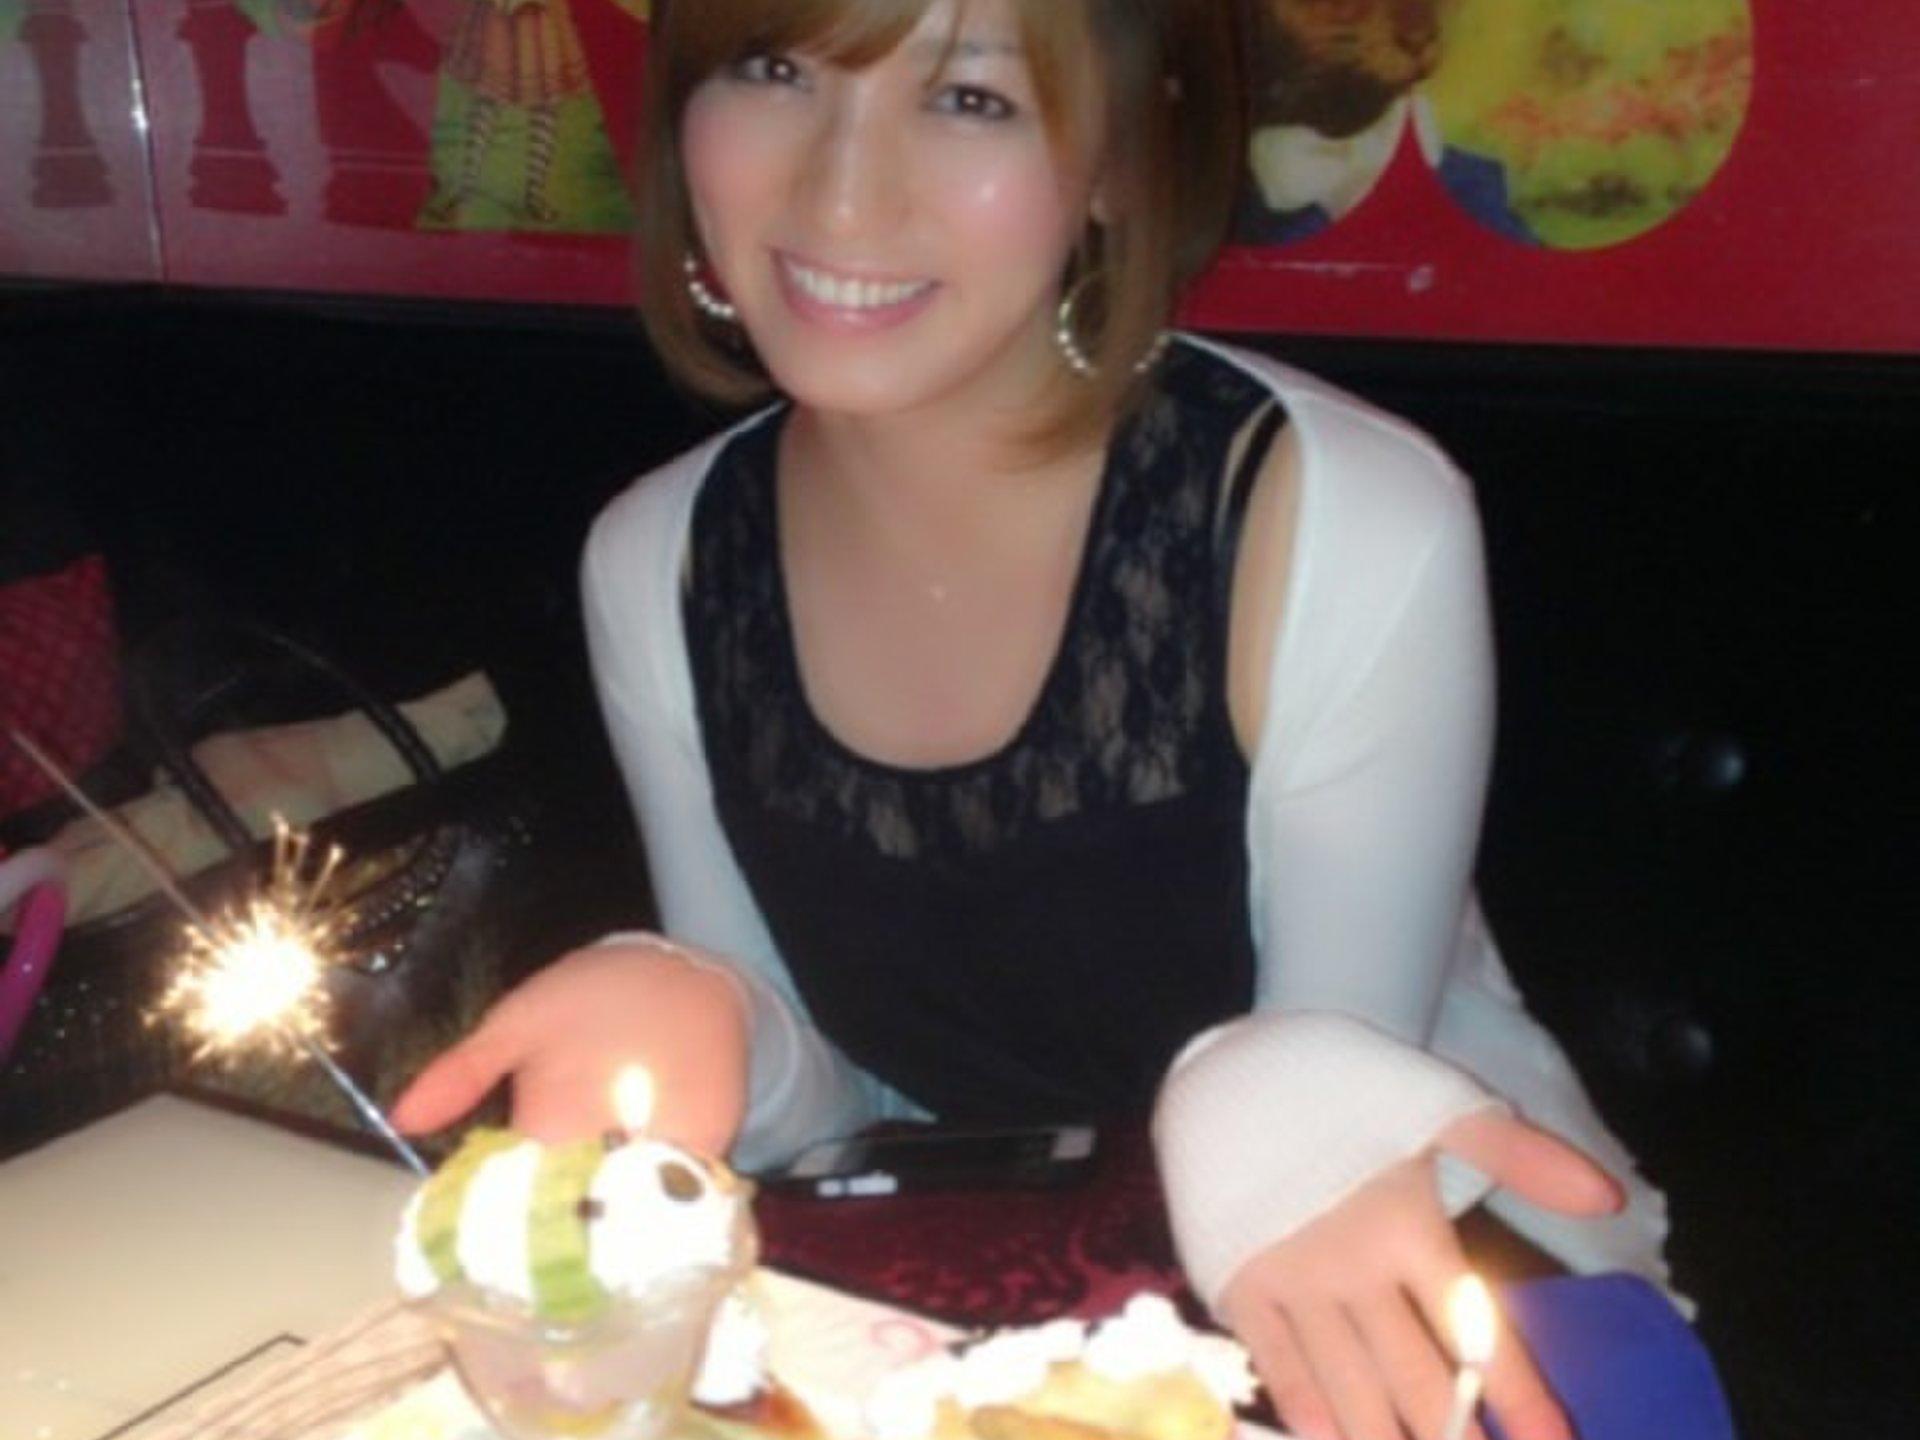 誕生日サプライズができるレストラン特集♡一生の思い出に残る誕生日を演出しよう